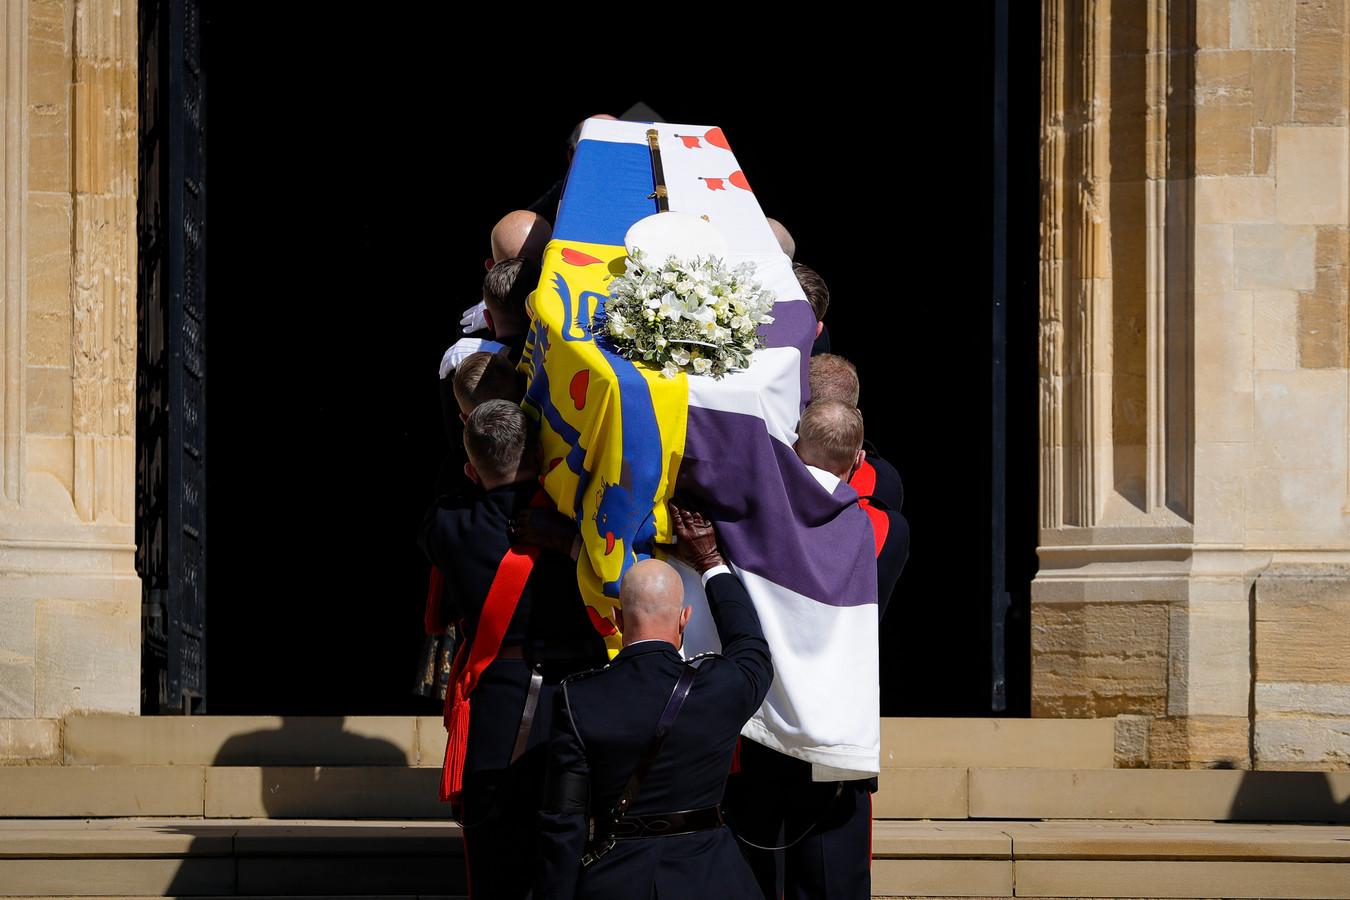 Le cercueil du prince Philip couvert de l'étendard personnel du duc d'Edimbourg, de son épée, sa casquette de la Marine et d'une couronne de fleurs.